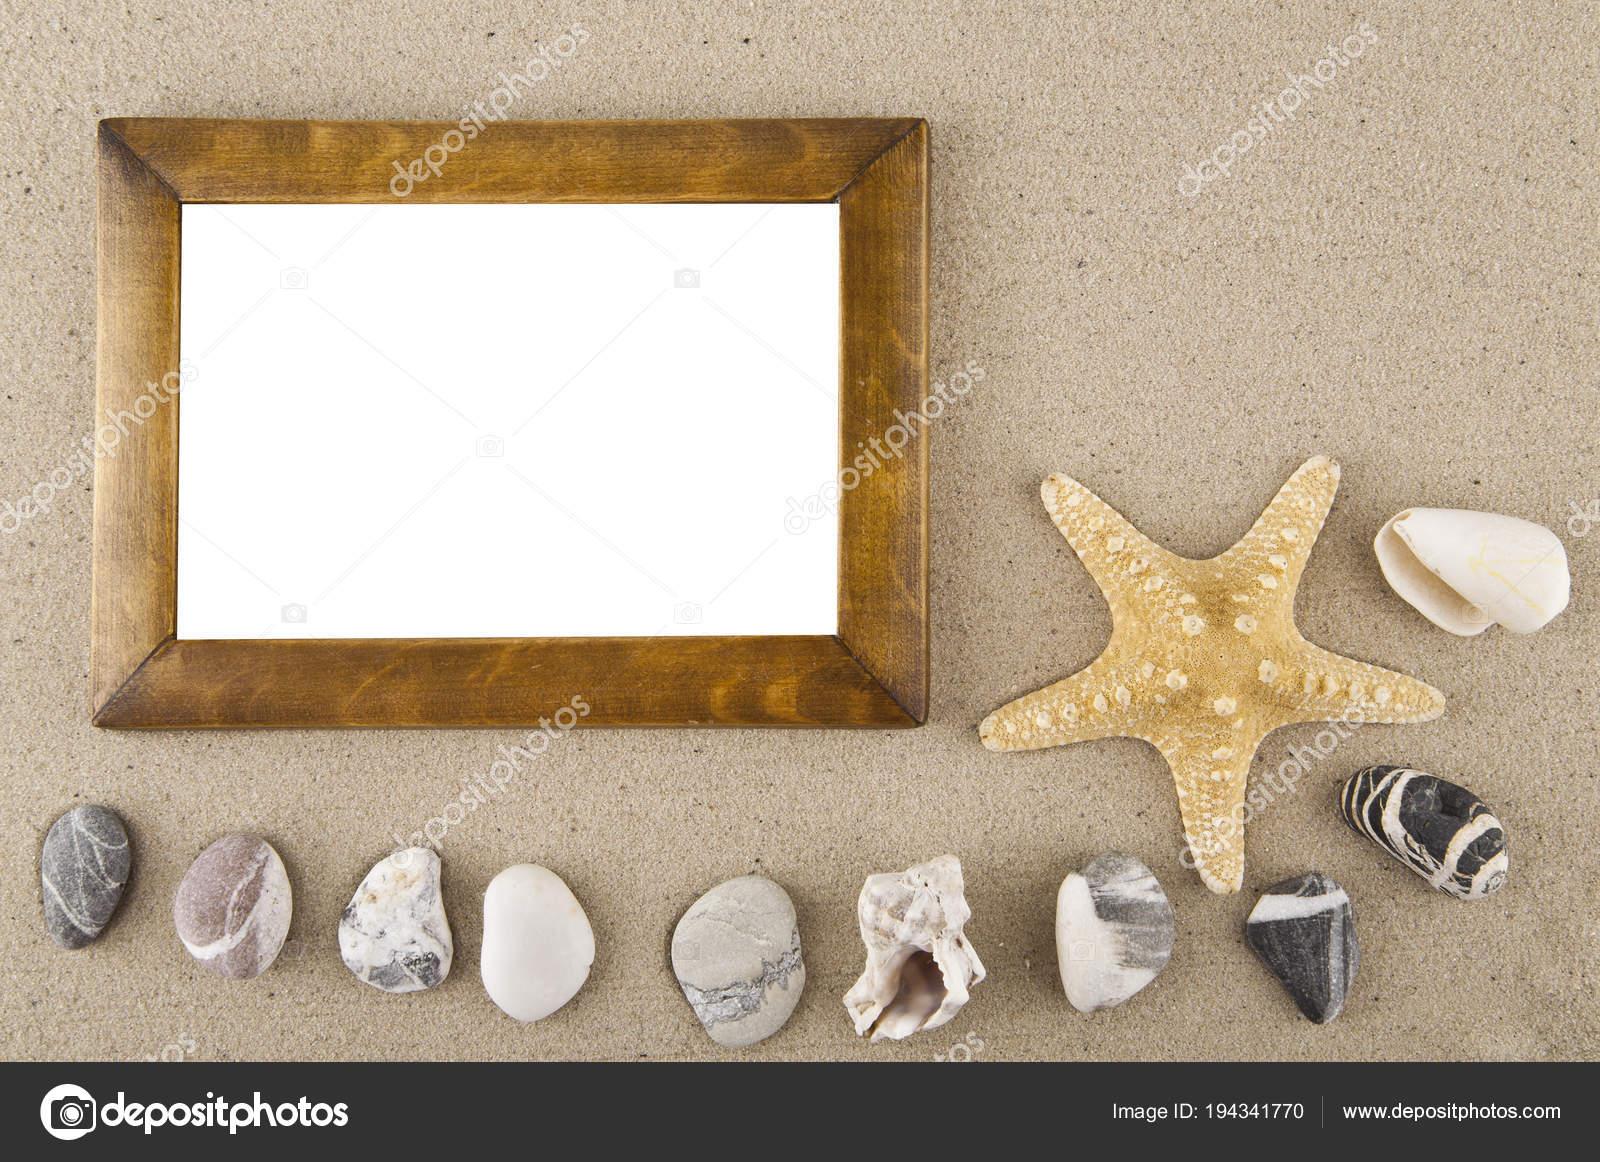 Fantastisch Gerahmte Kunstaufbewahrungsbox Bilder - Rahmen Ideen ...